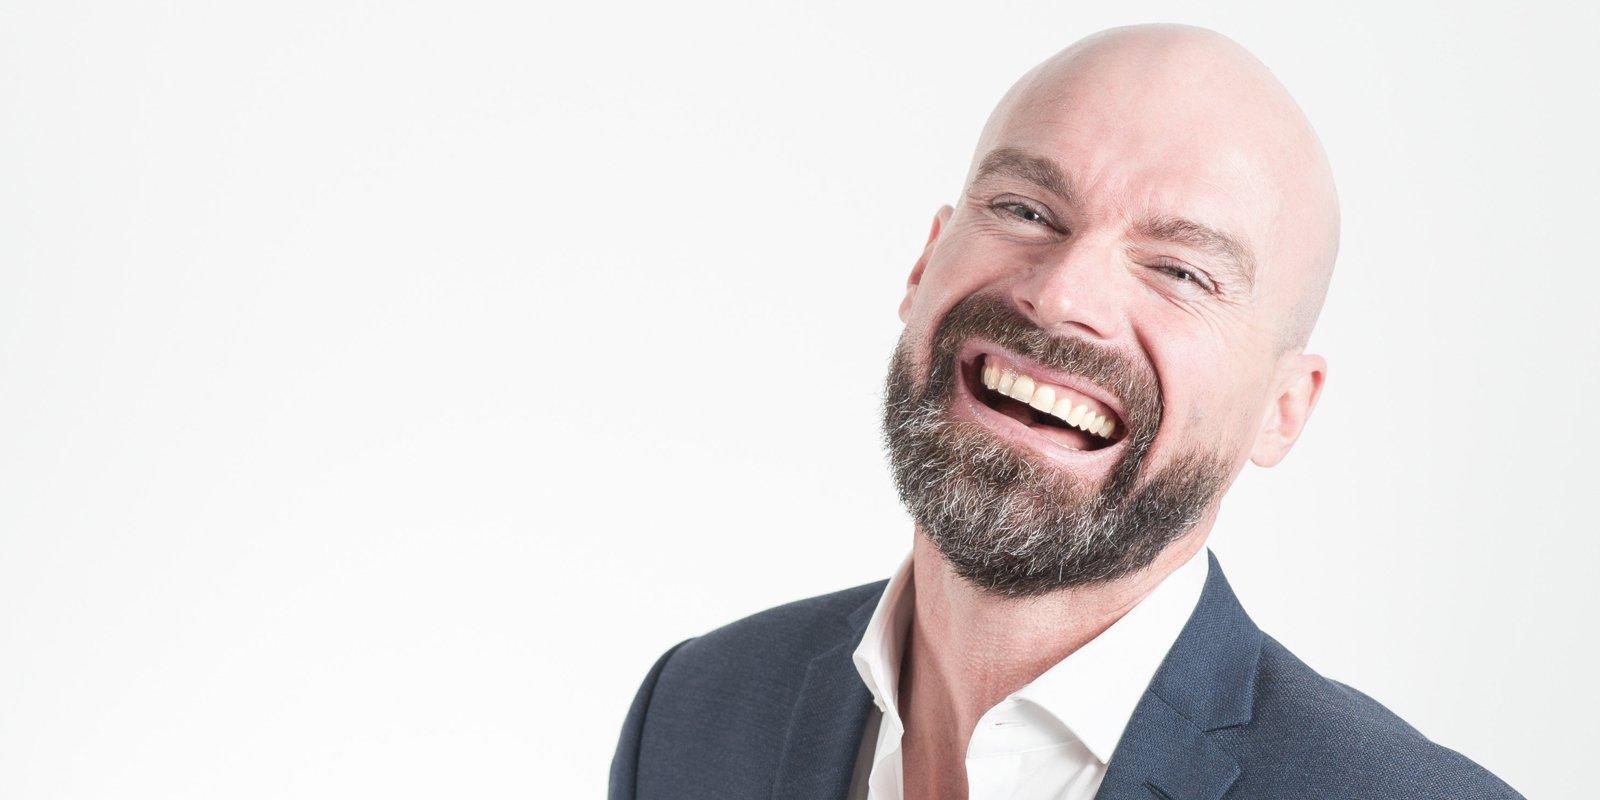 Tænder har en anatomi og struktur, der medvirker til at give tænderne deres udseende